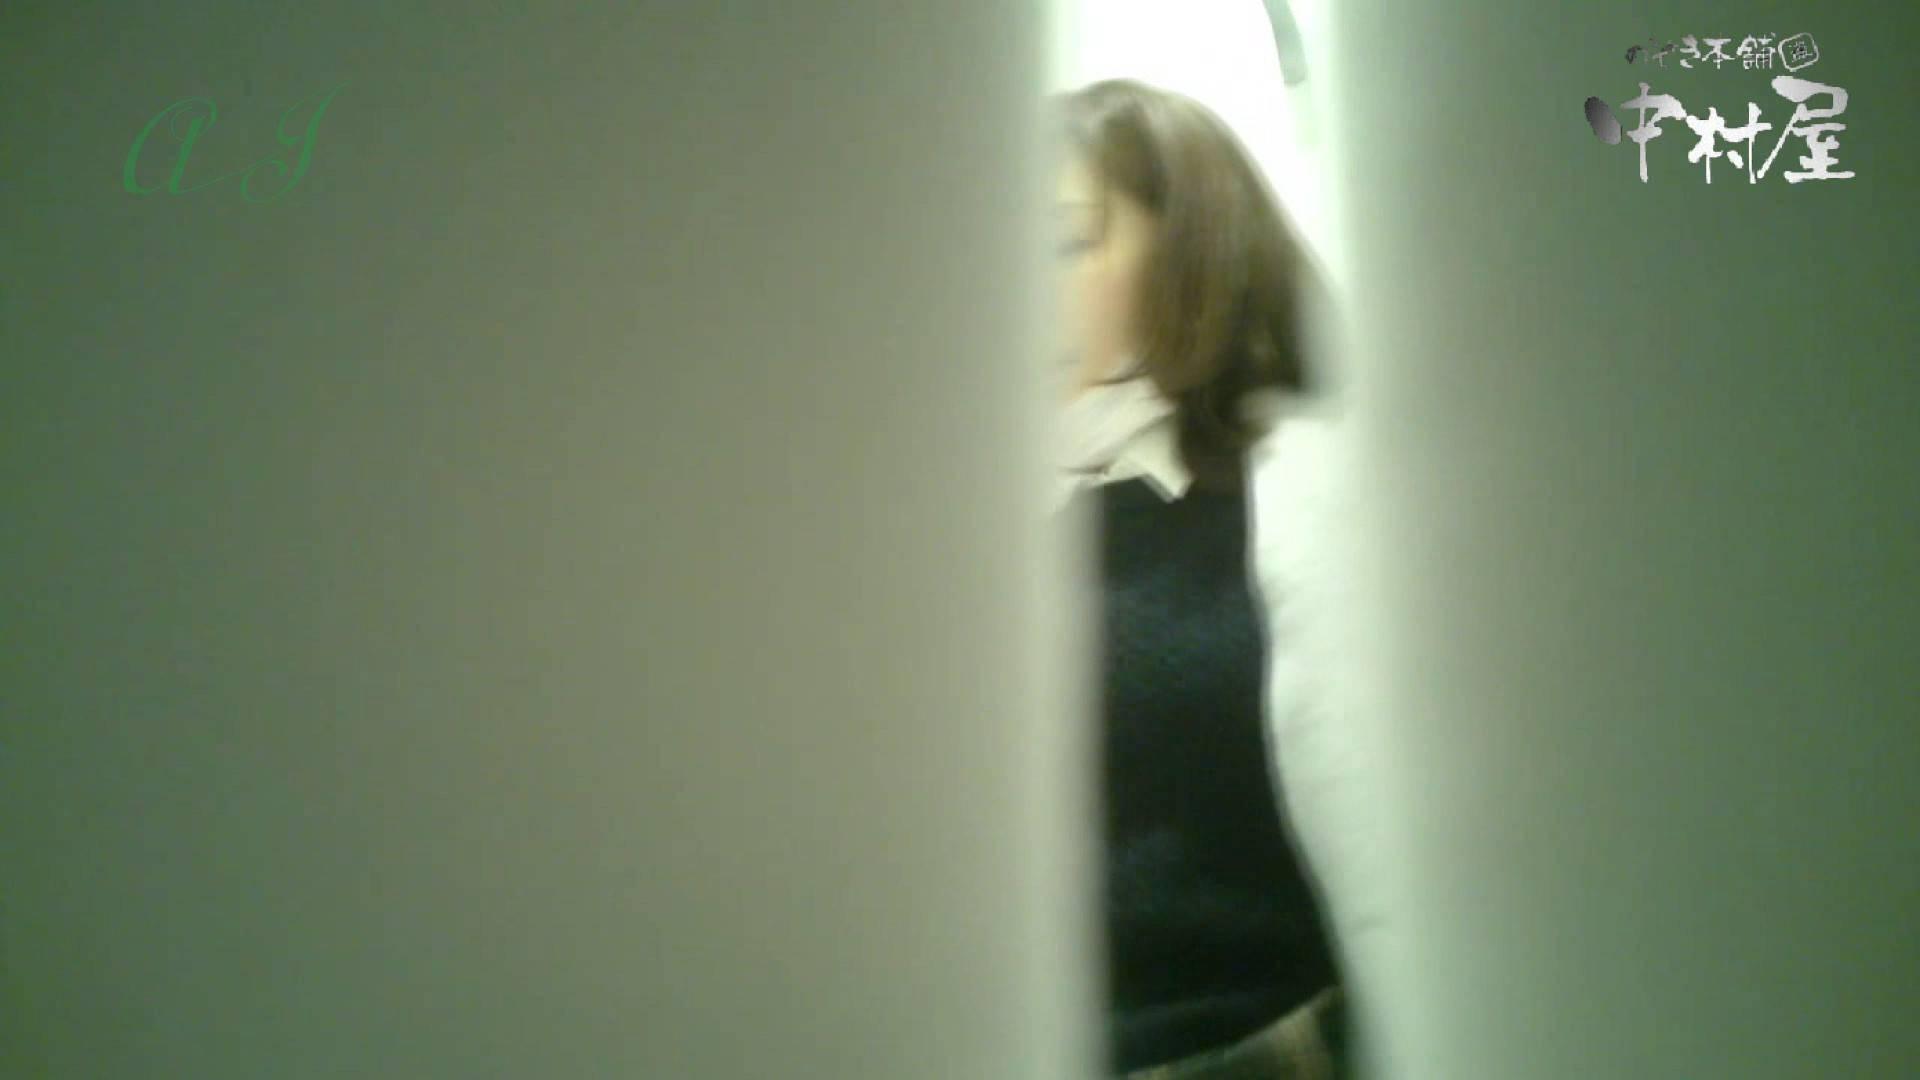 有名大学女性洗面所 vol.60 設置の神です。 和式 すけべAV動画紹介 109PIX 7